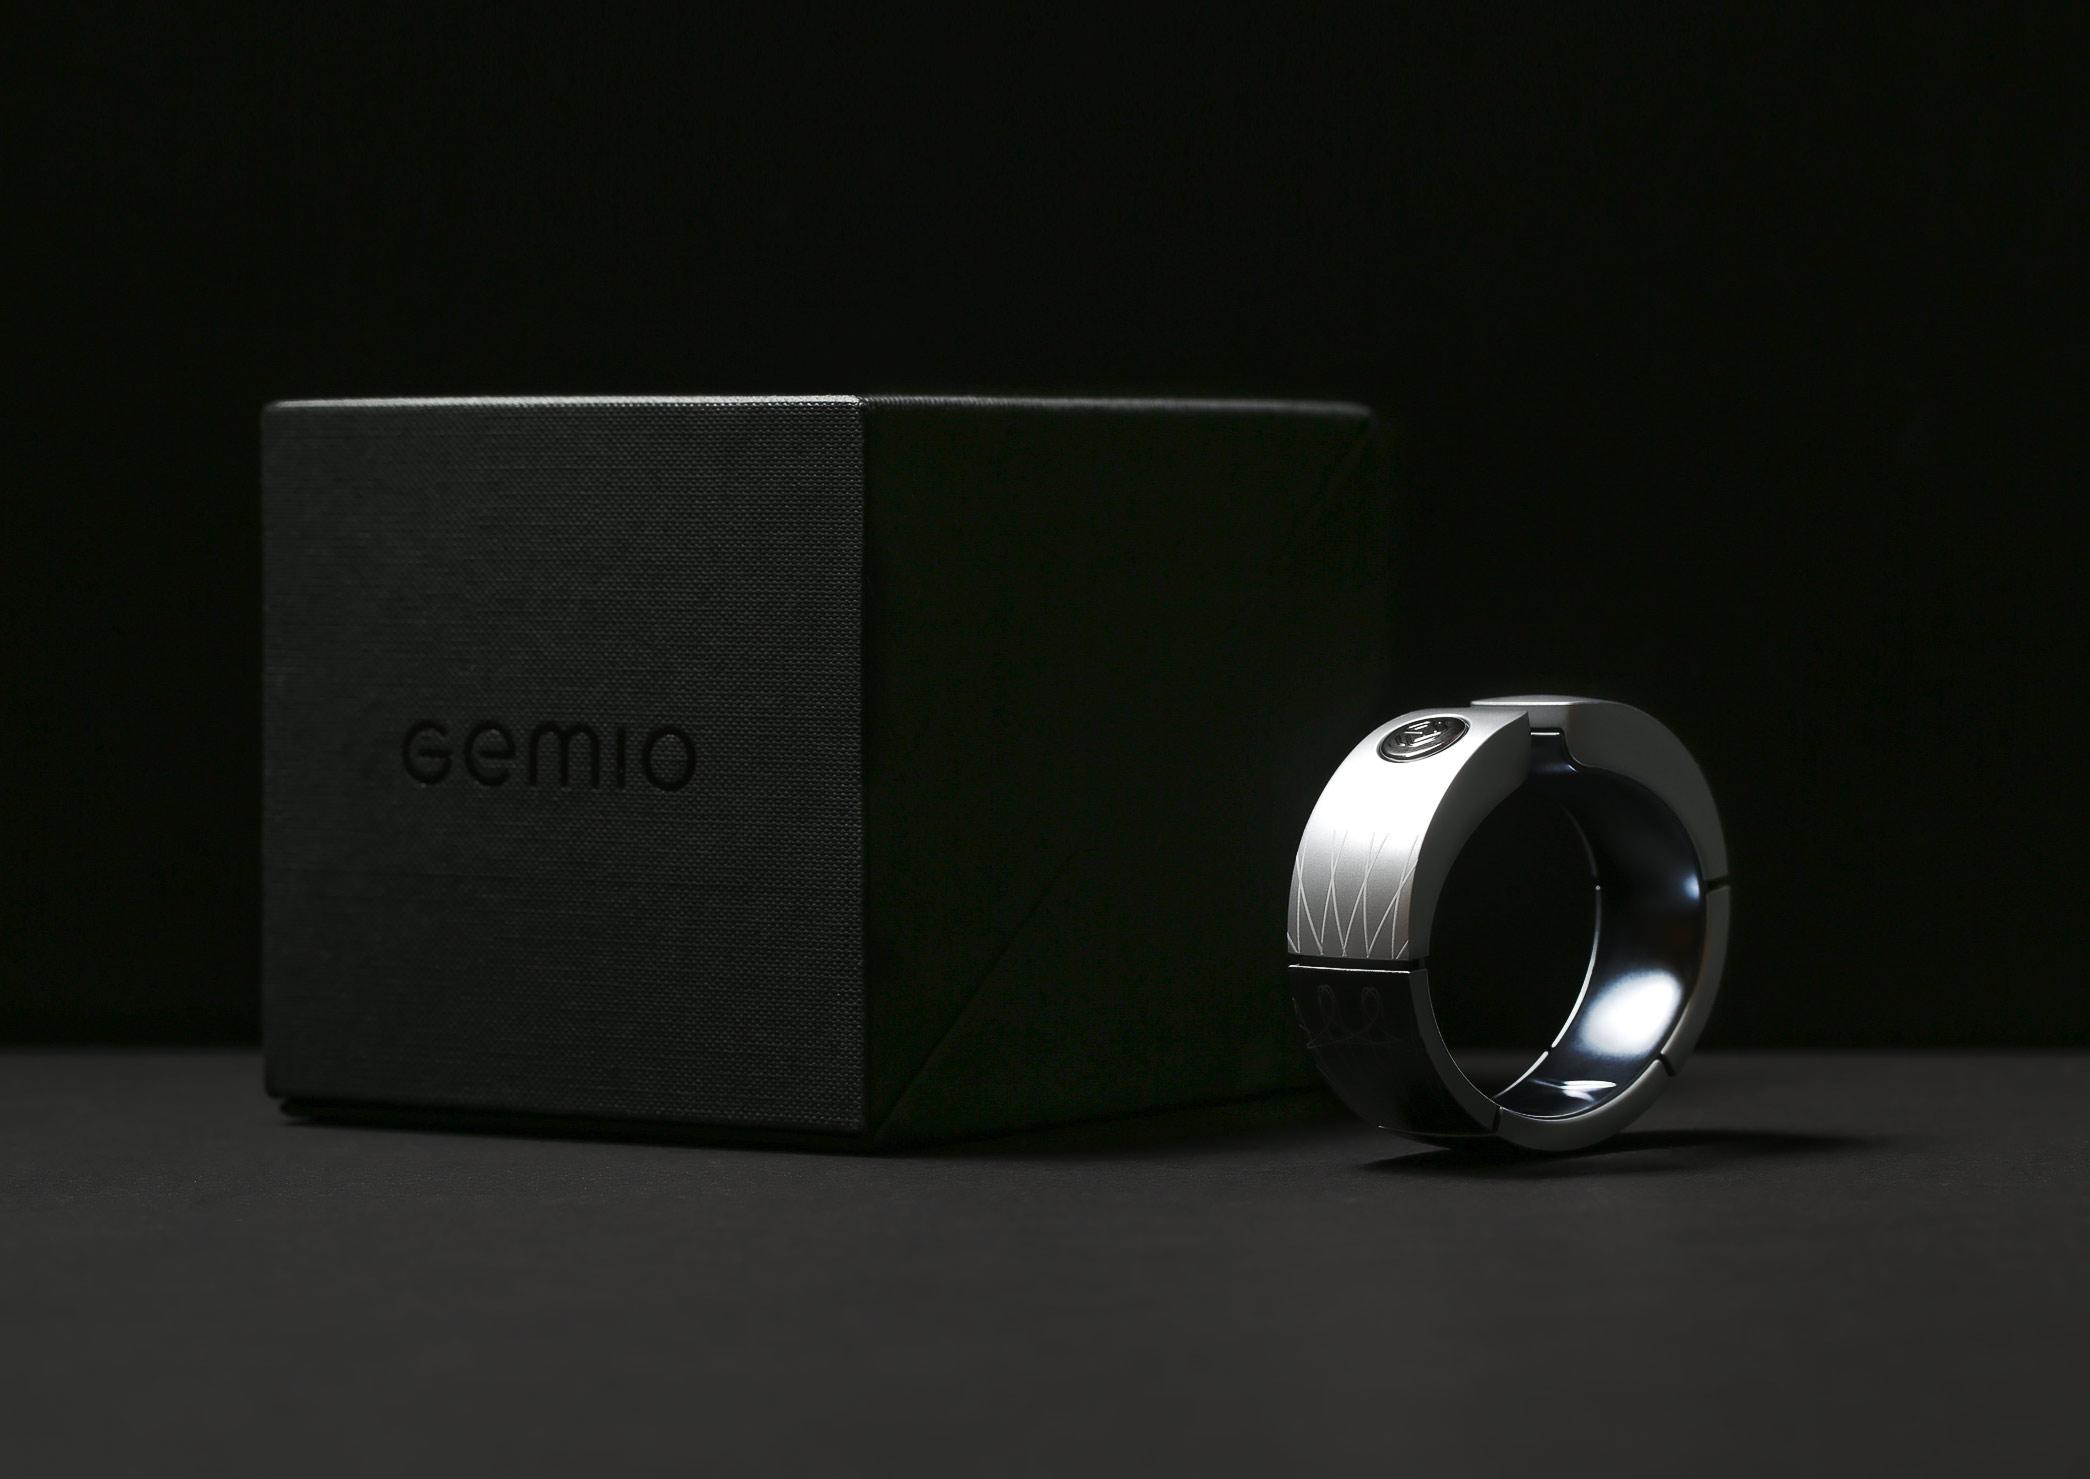 gemio-0088.jpg